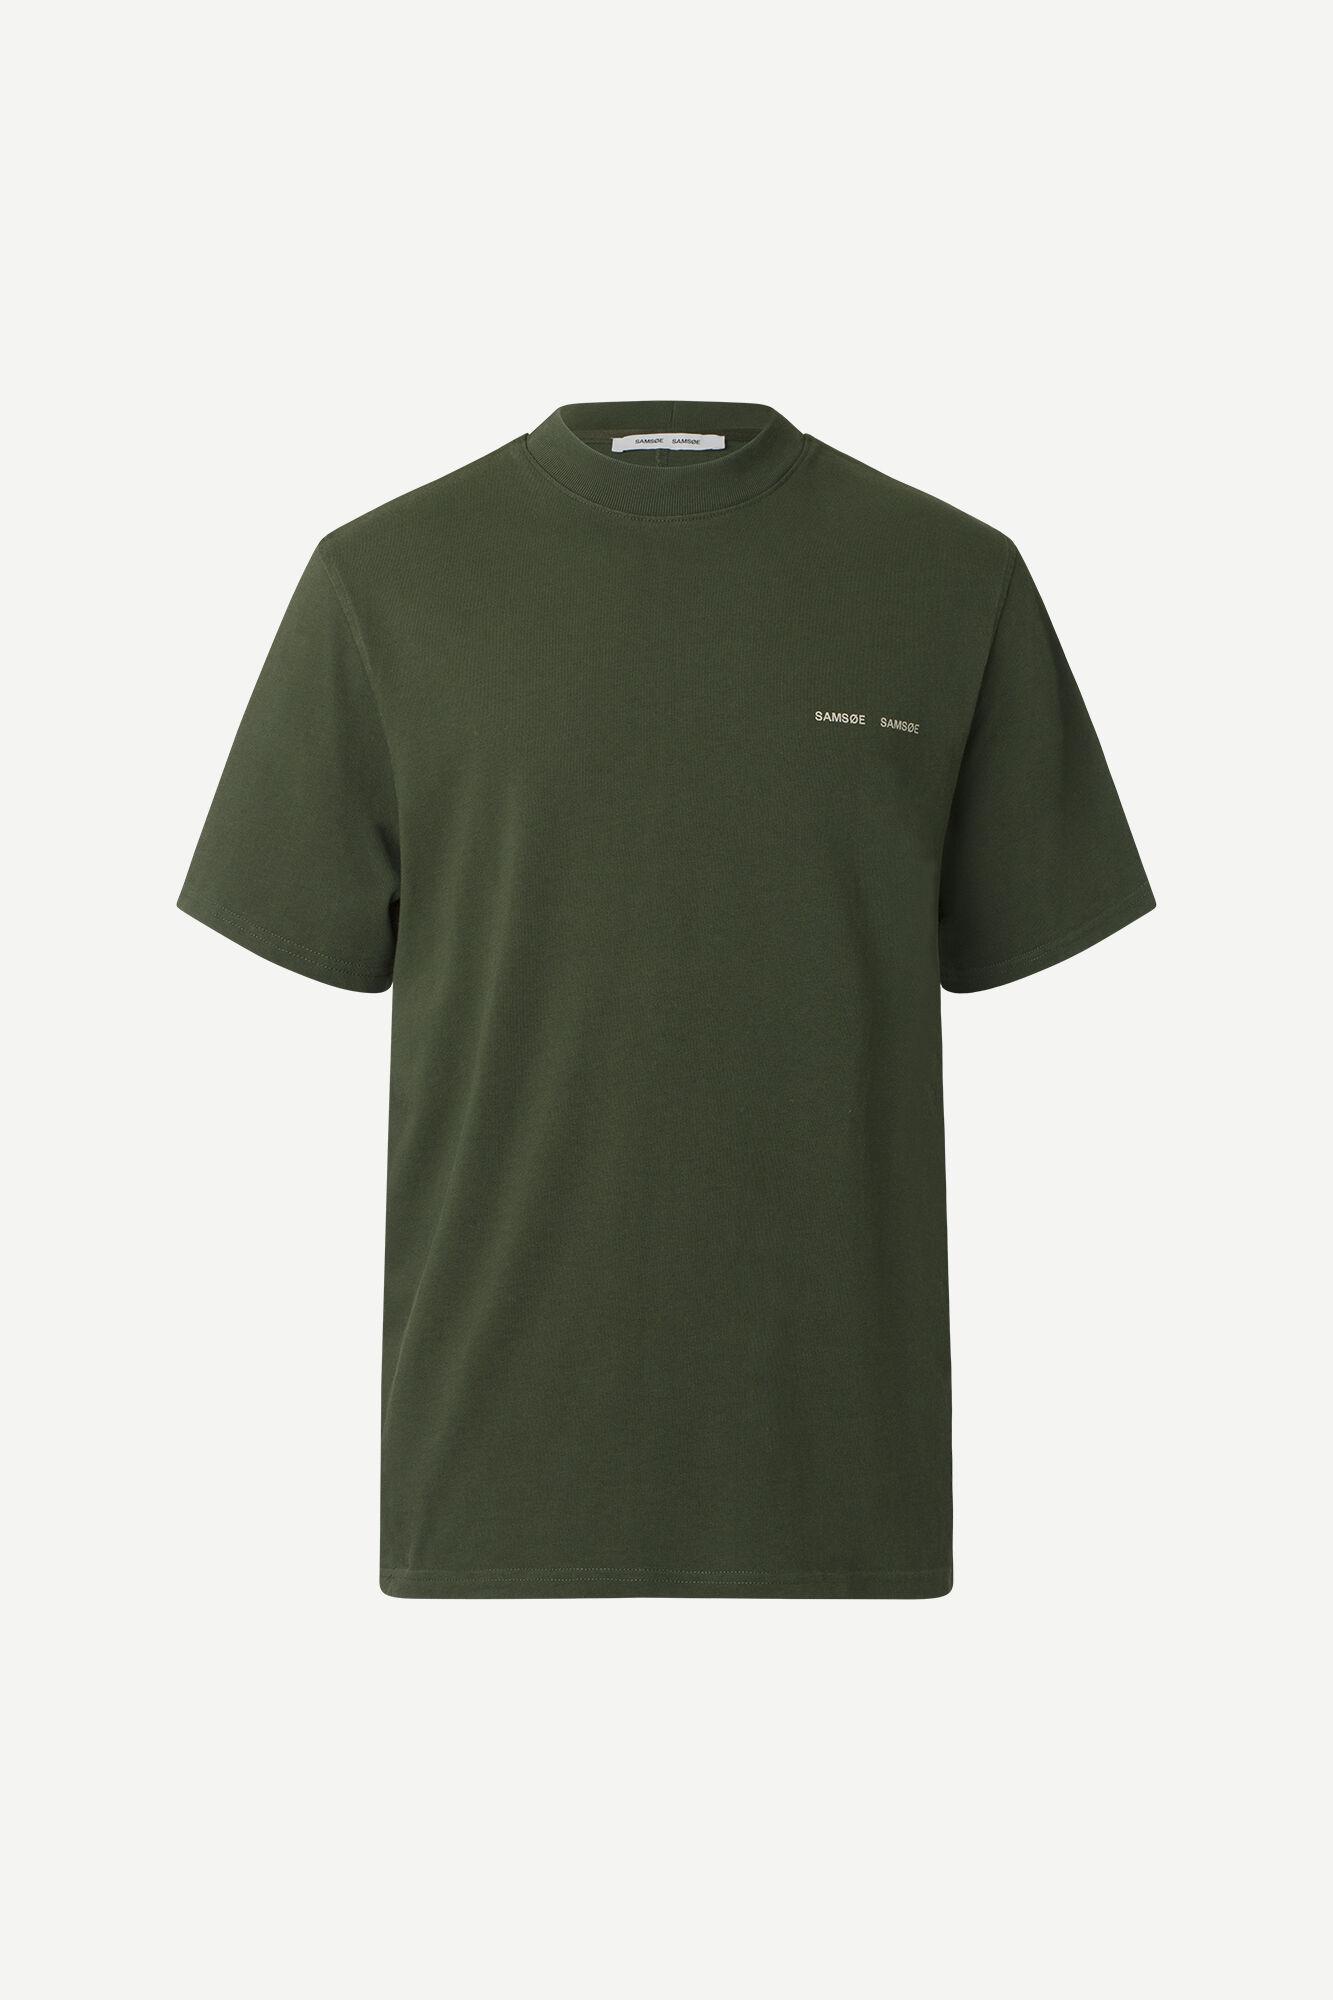 Samsøe & Samsøe Norsbro S/S t-shirt, kambu green, small